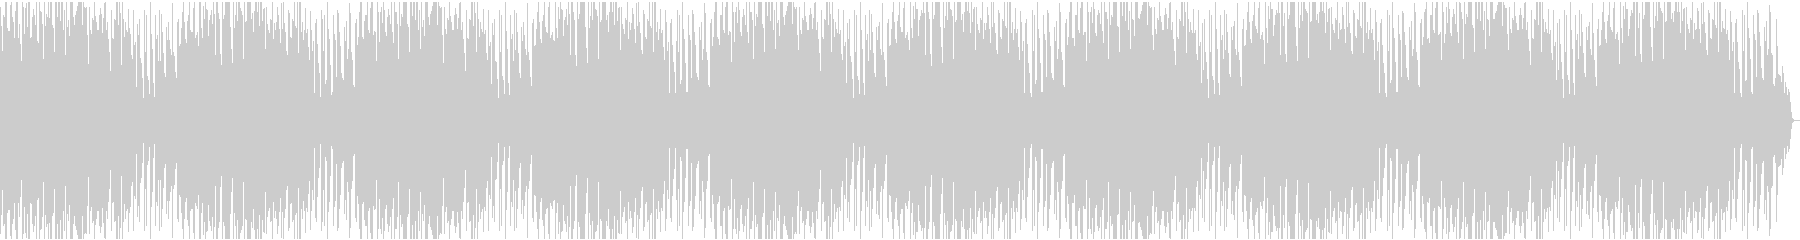 企業VP2 16分 16bit48kHzの未再生の波形